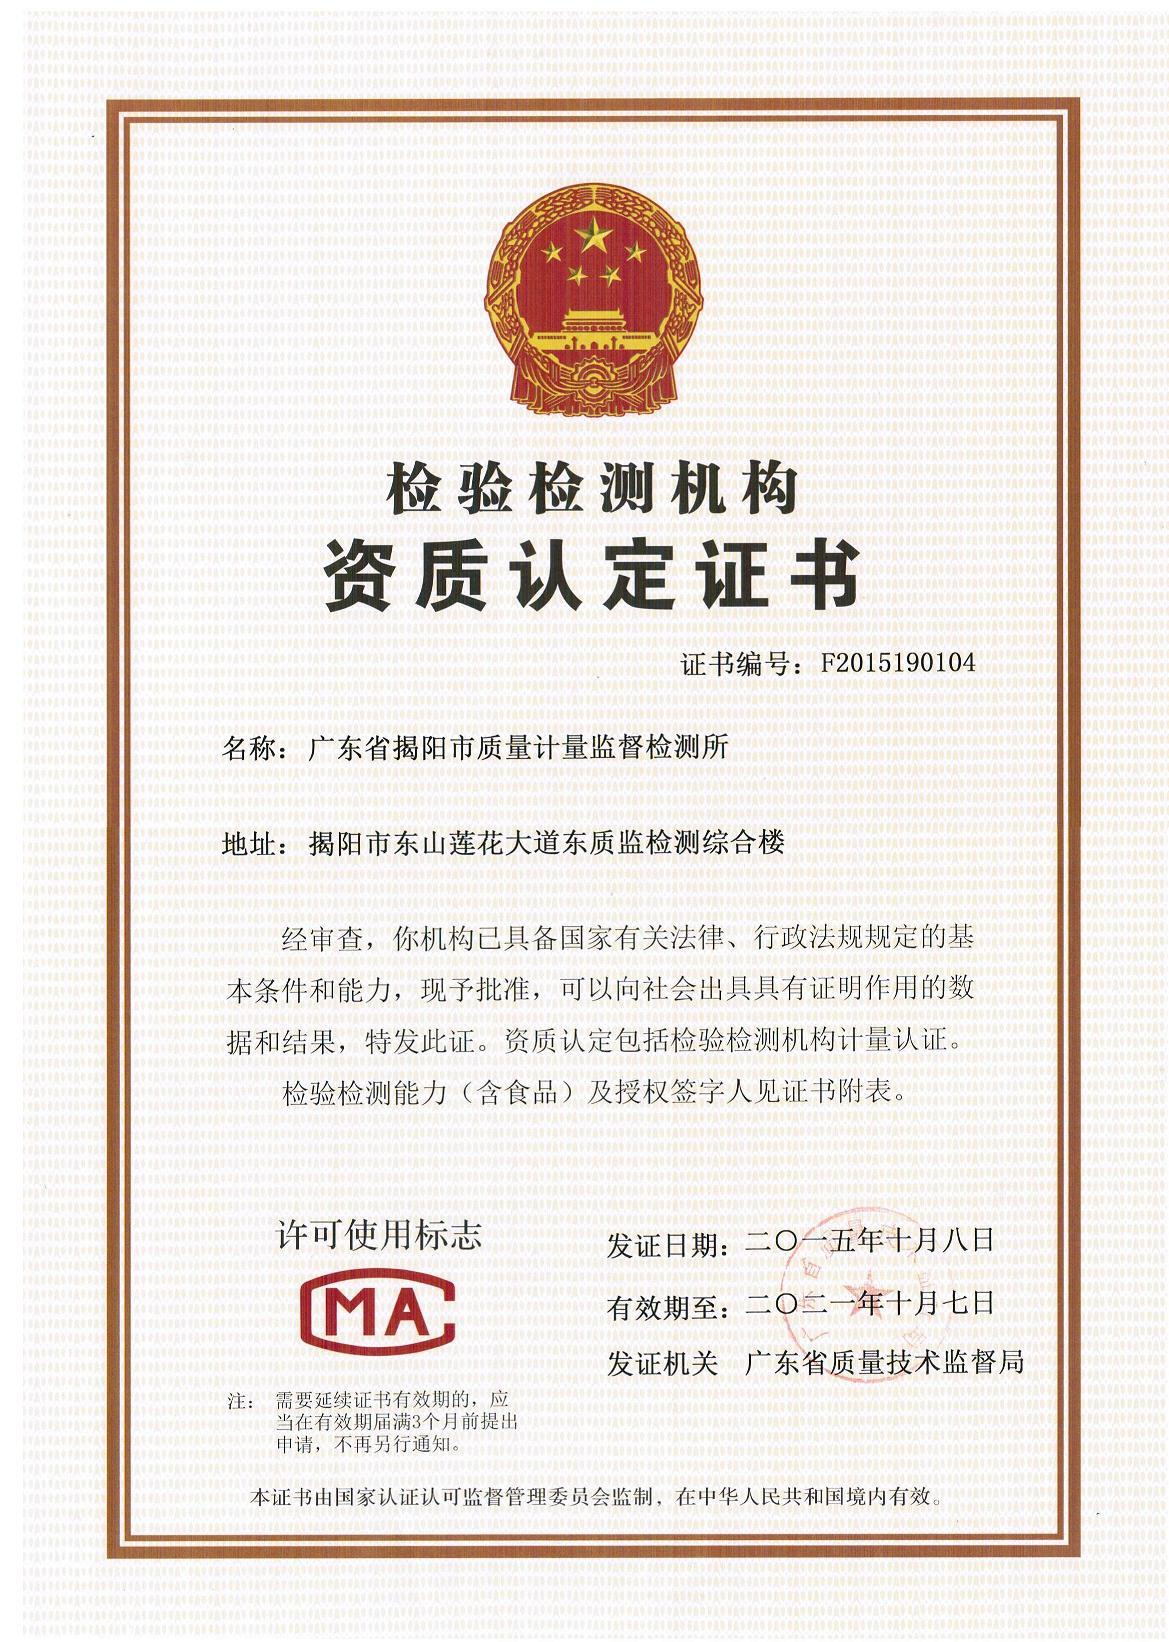 所CMA证书(含食品).jpg